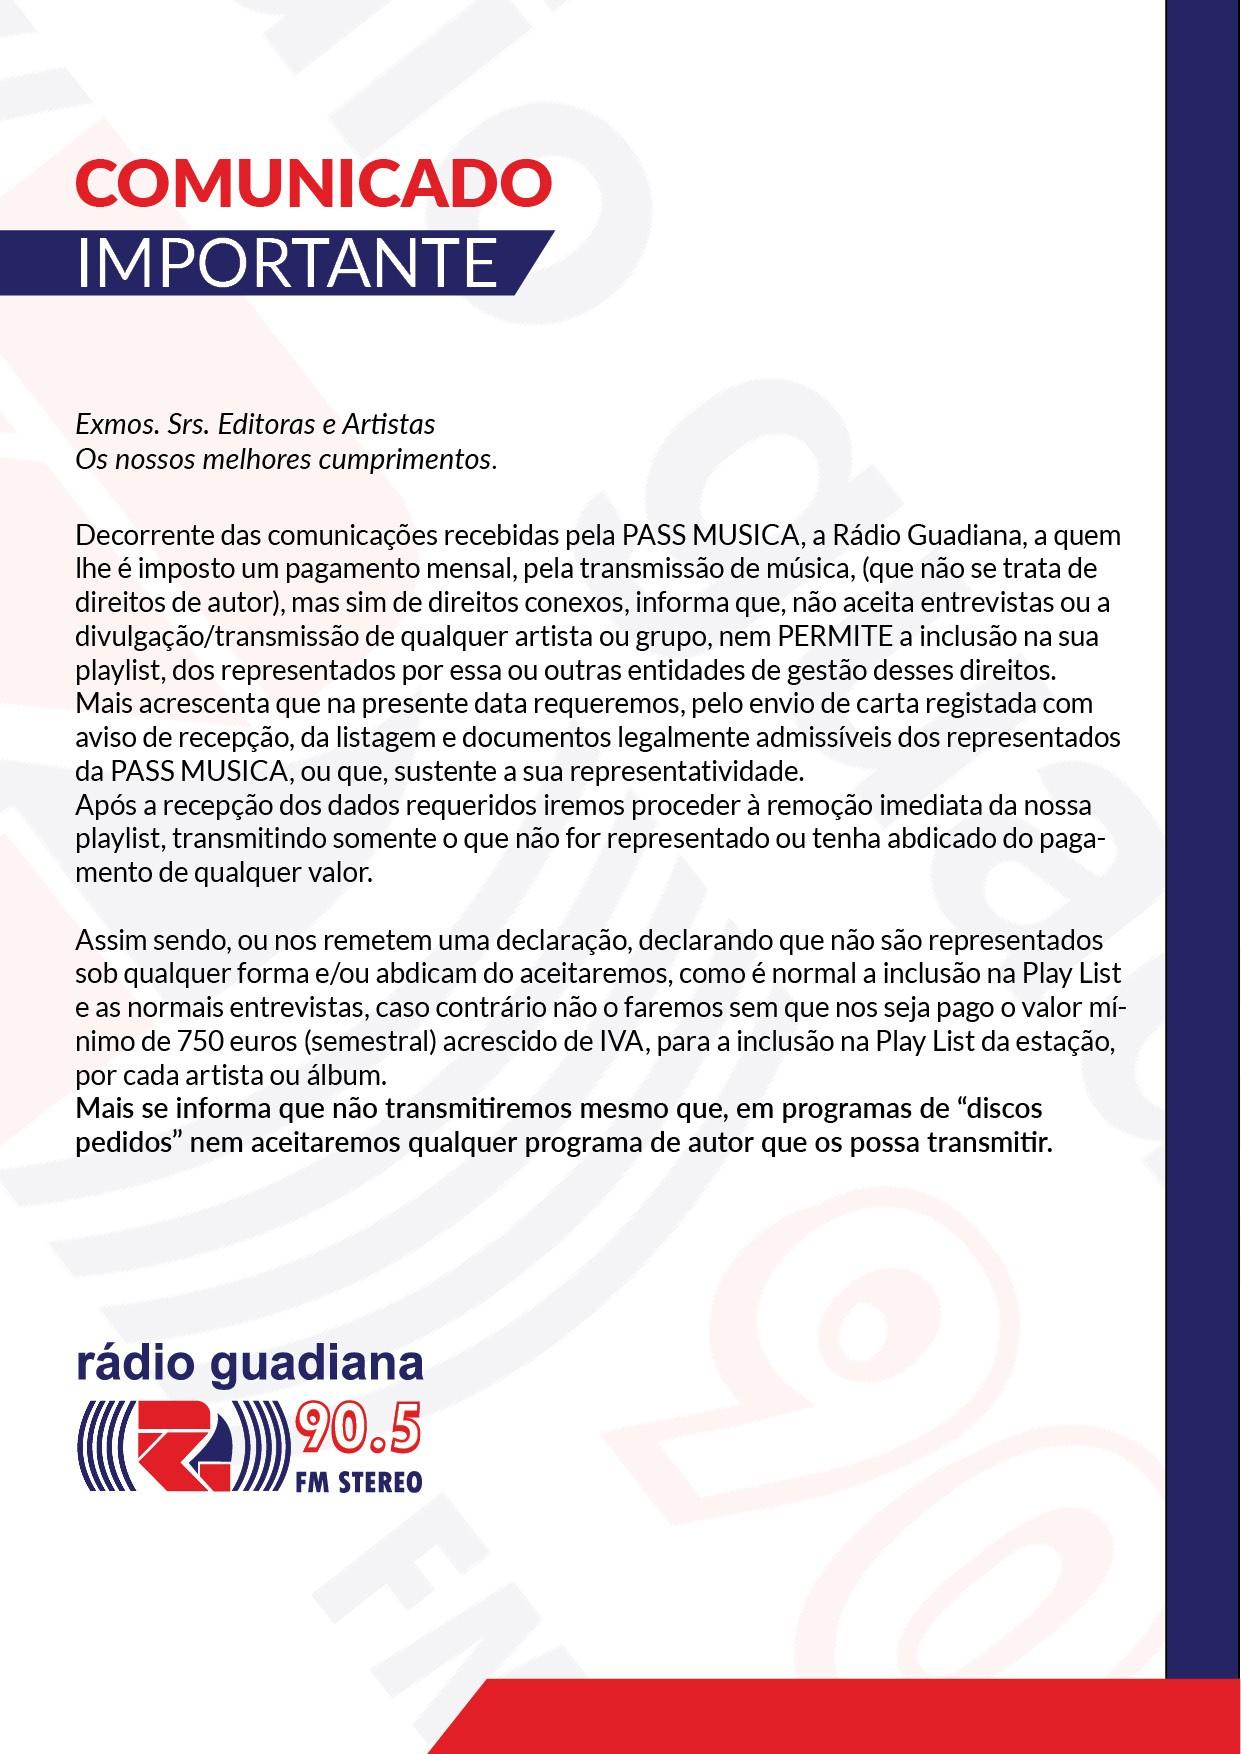 Rádio Guadiana